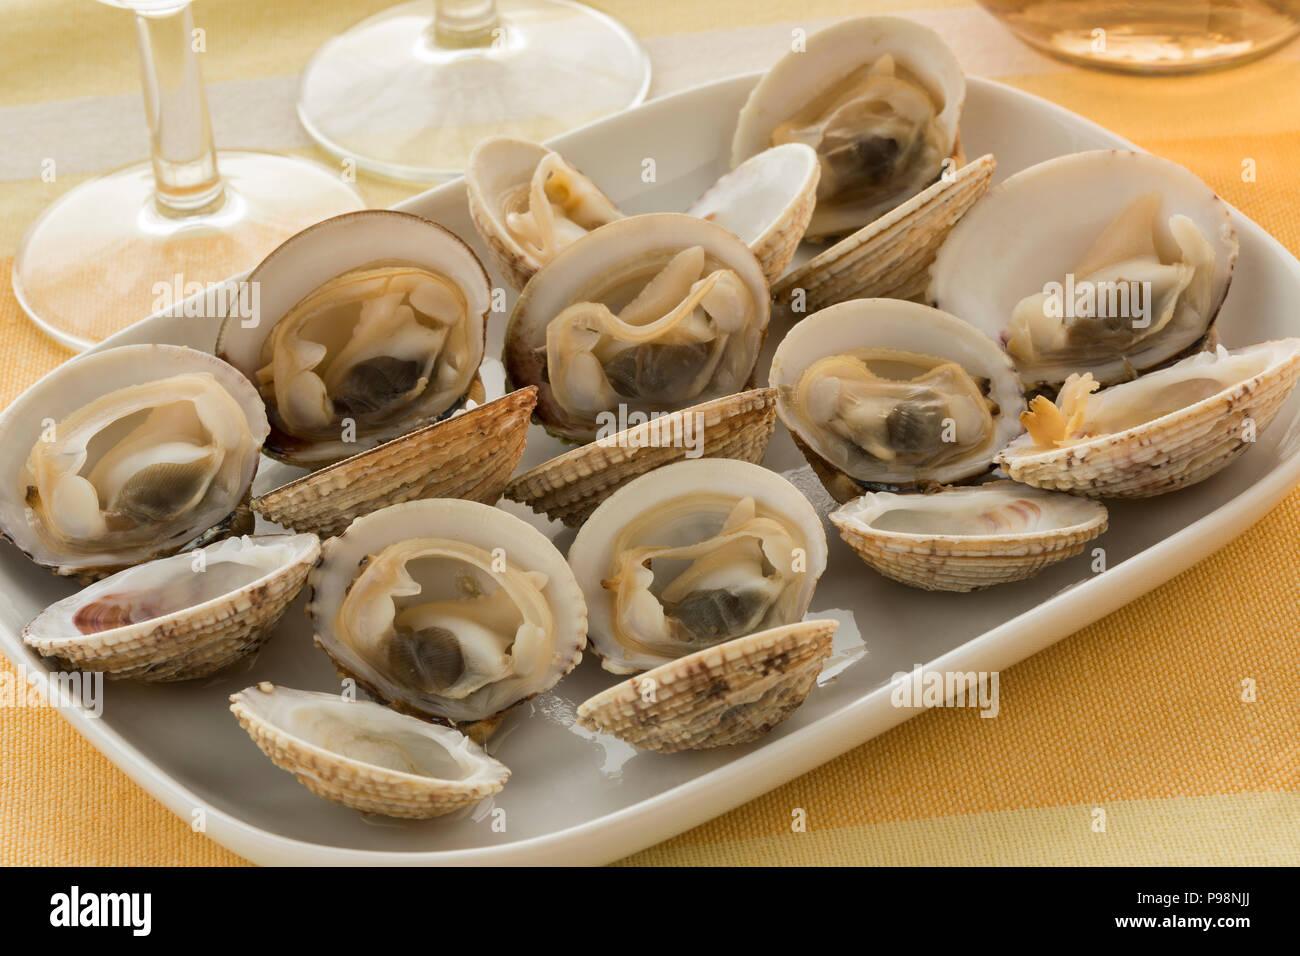 Avec un plat cuisiné frais ouvrir les palourdes vénus verruqueuse pour un repas Photo Stock